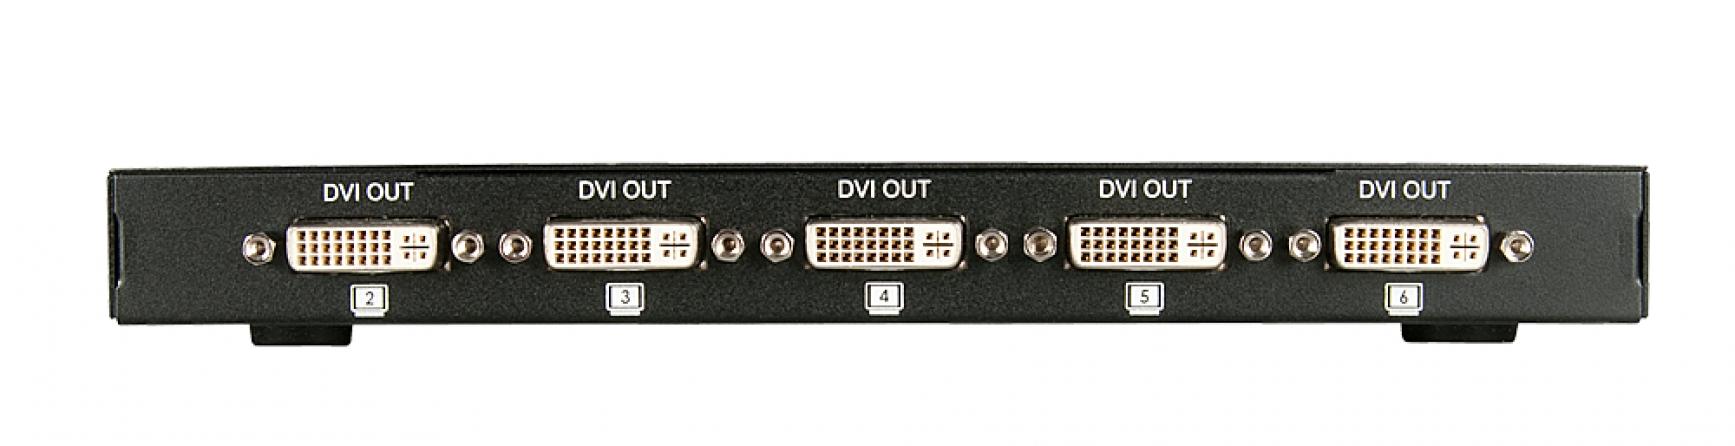 Video Splitter DVI & HDTV